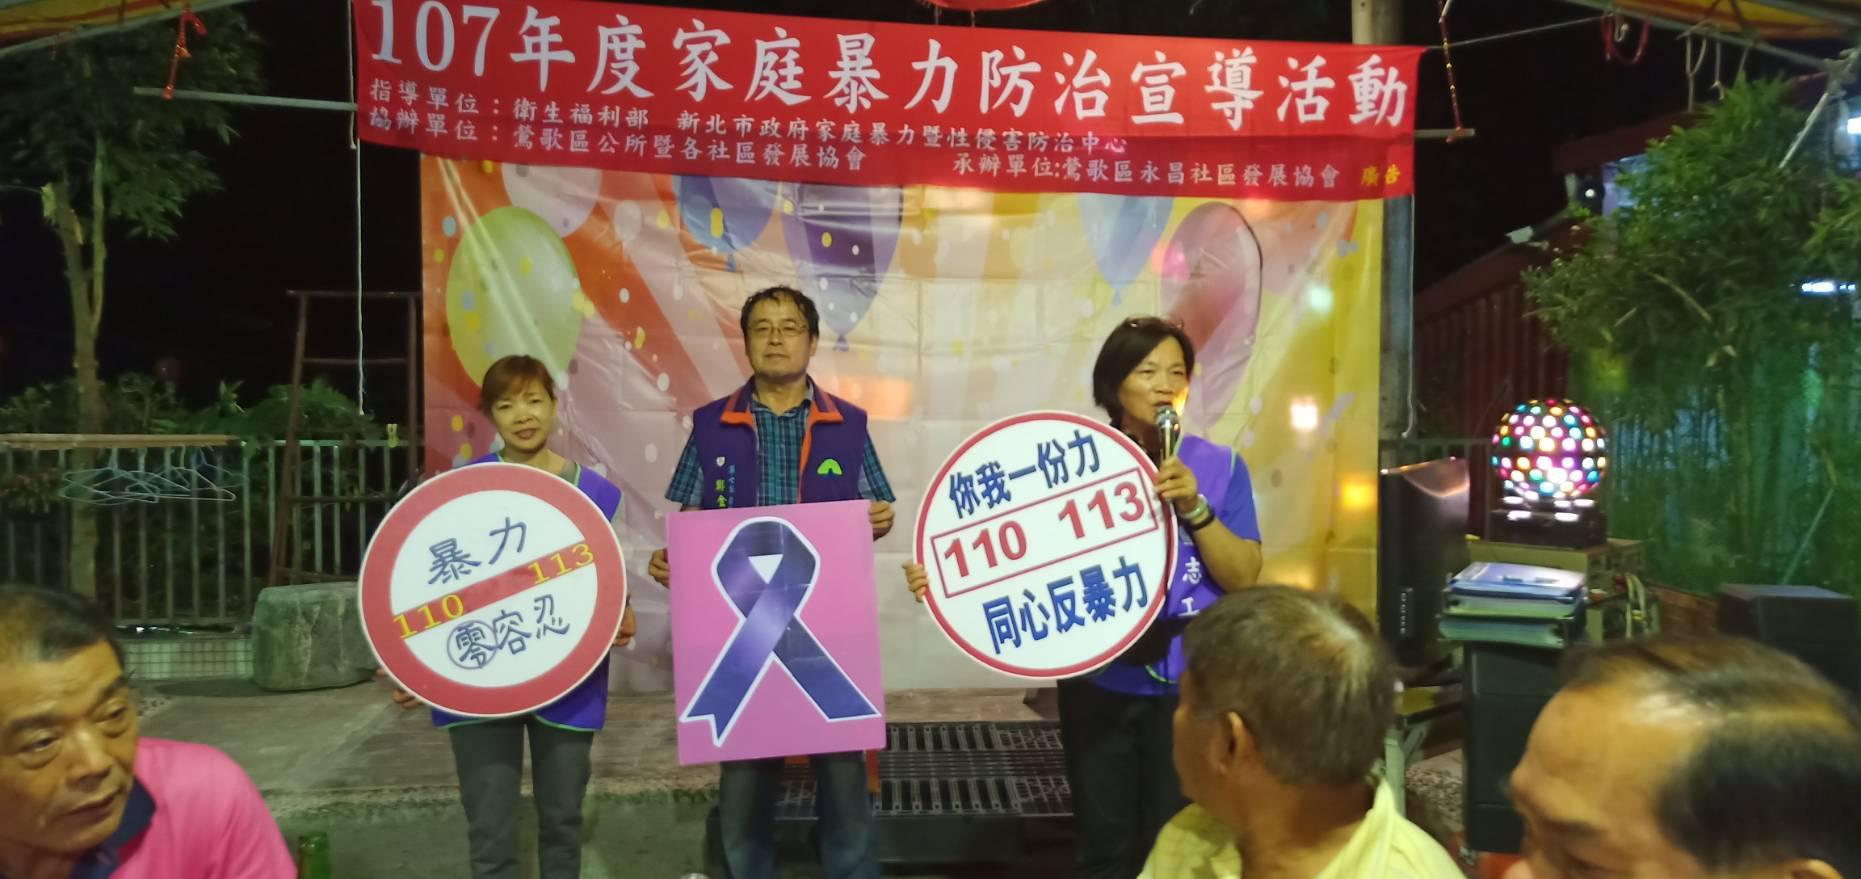 107年度家庭暴力防治宣導活動